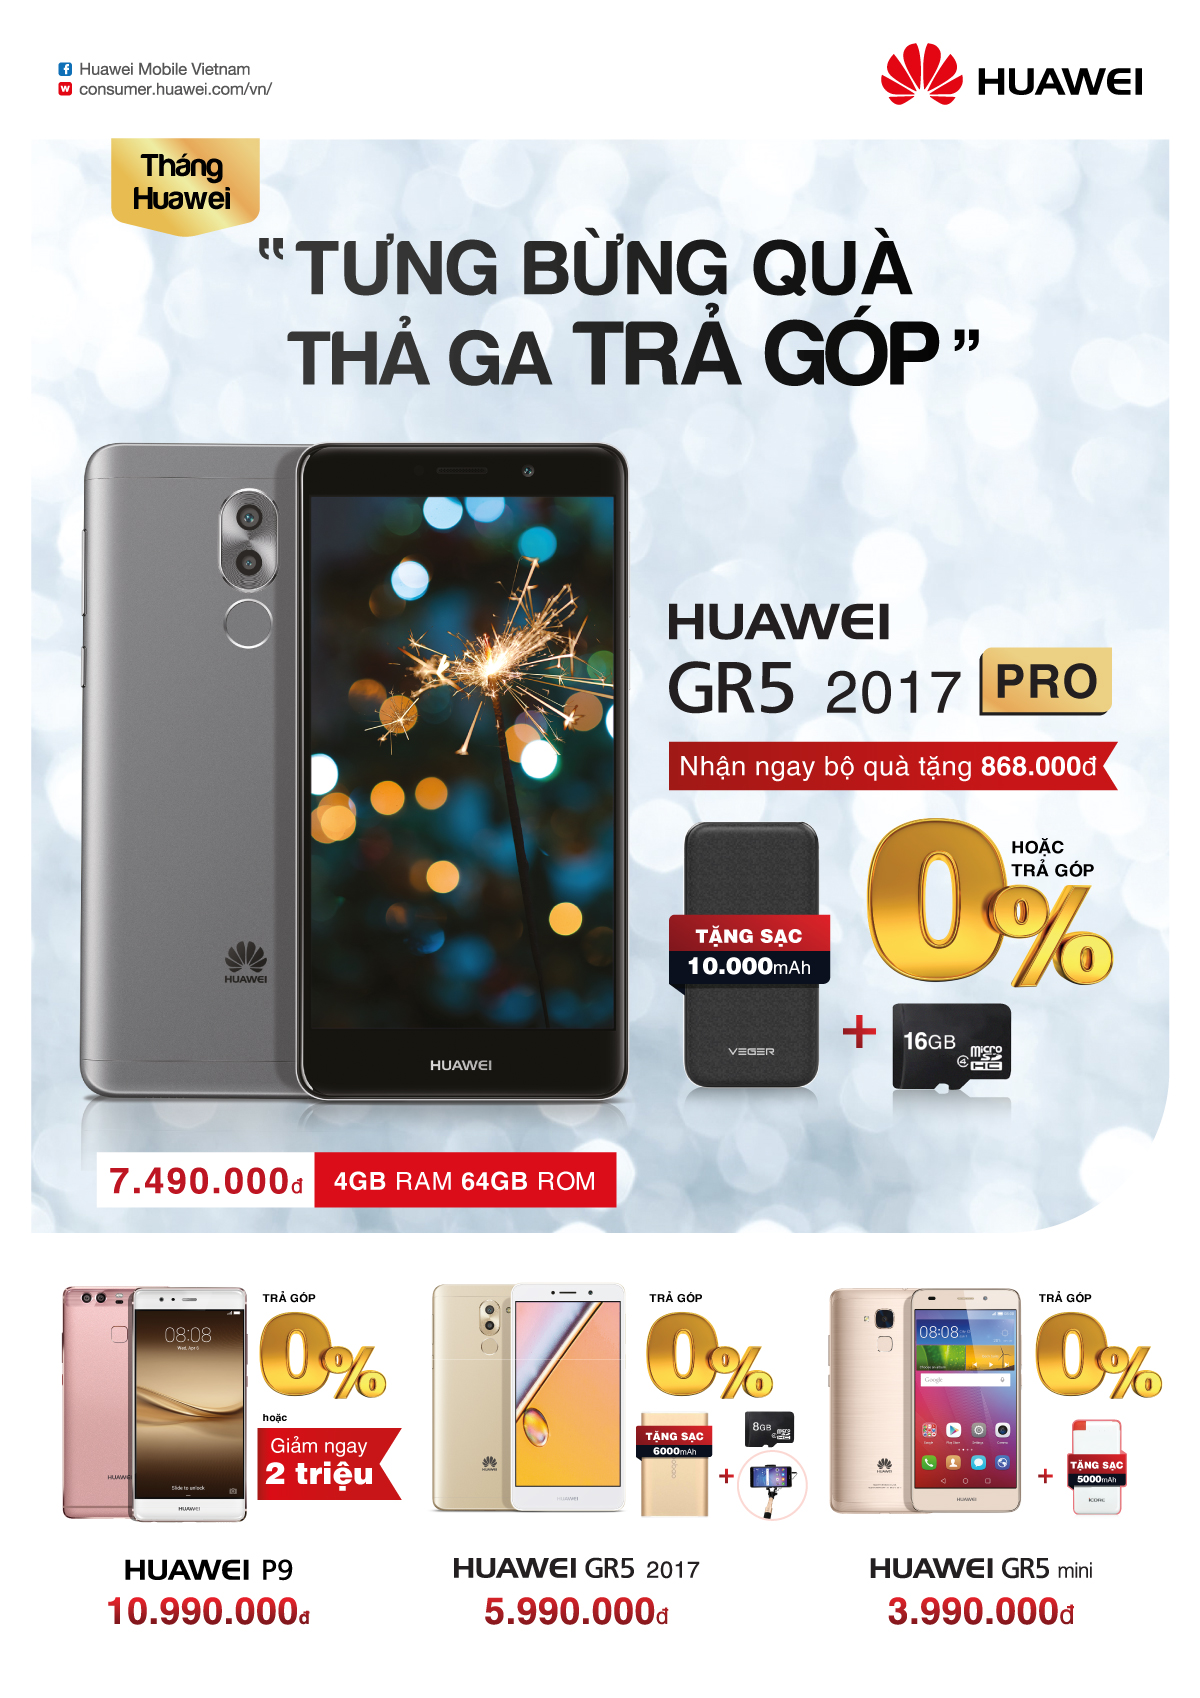 Chương trình khuyến mãi Huawei GR5 2017 Pro tại FPT Shop tháng 4/2017